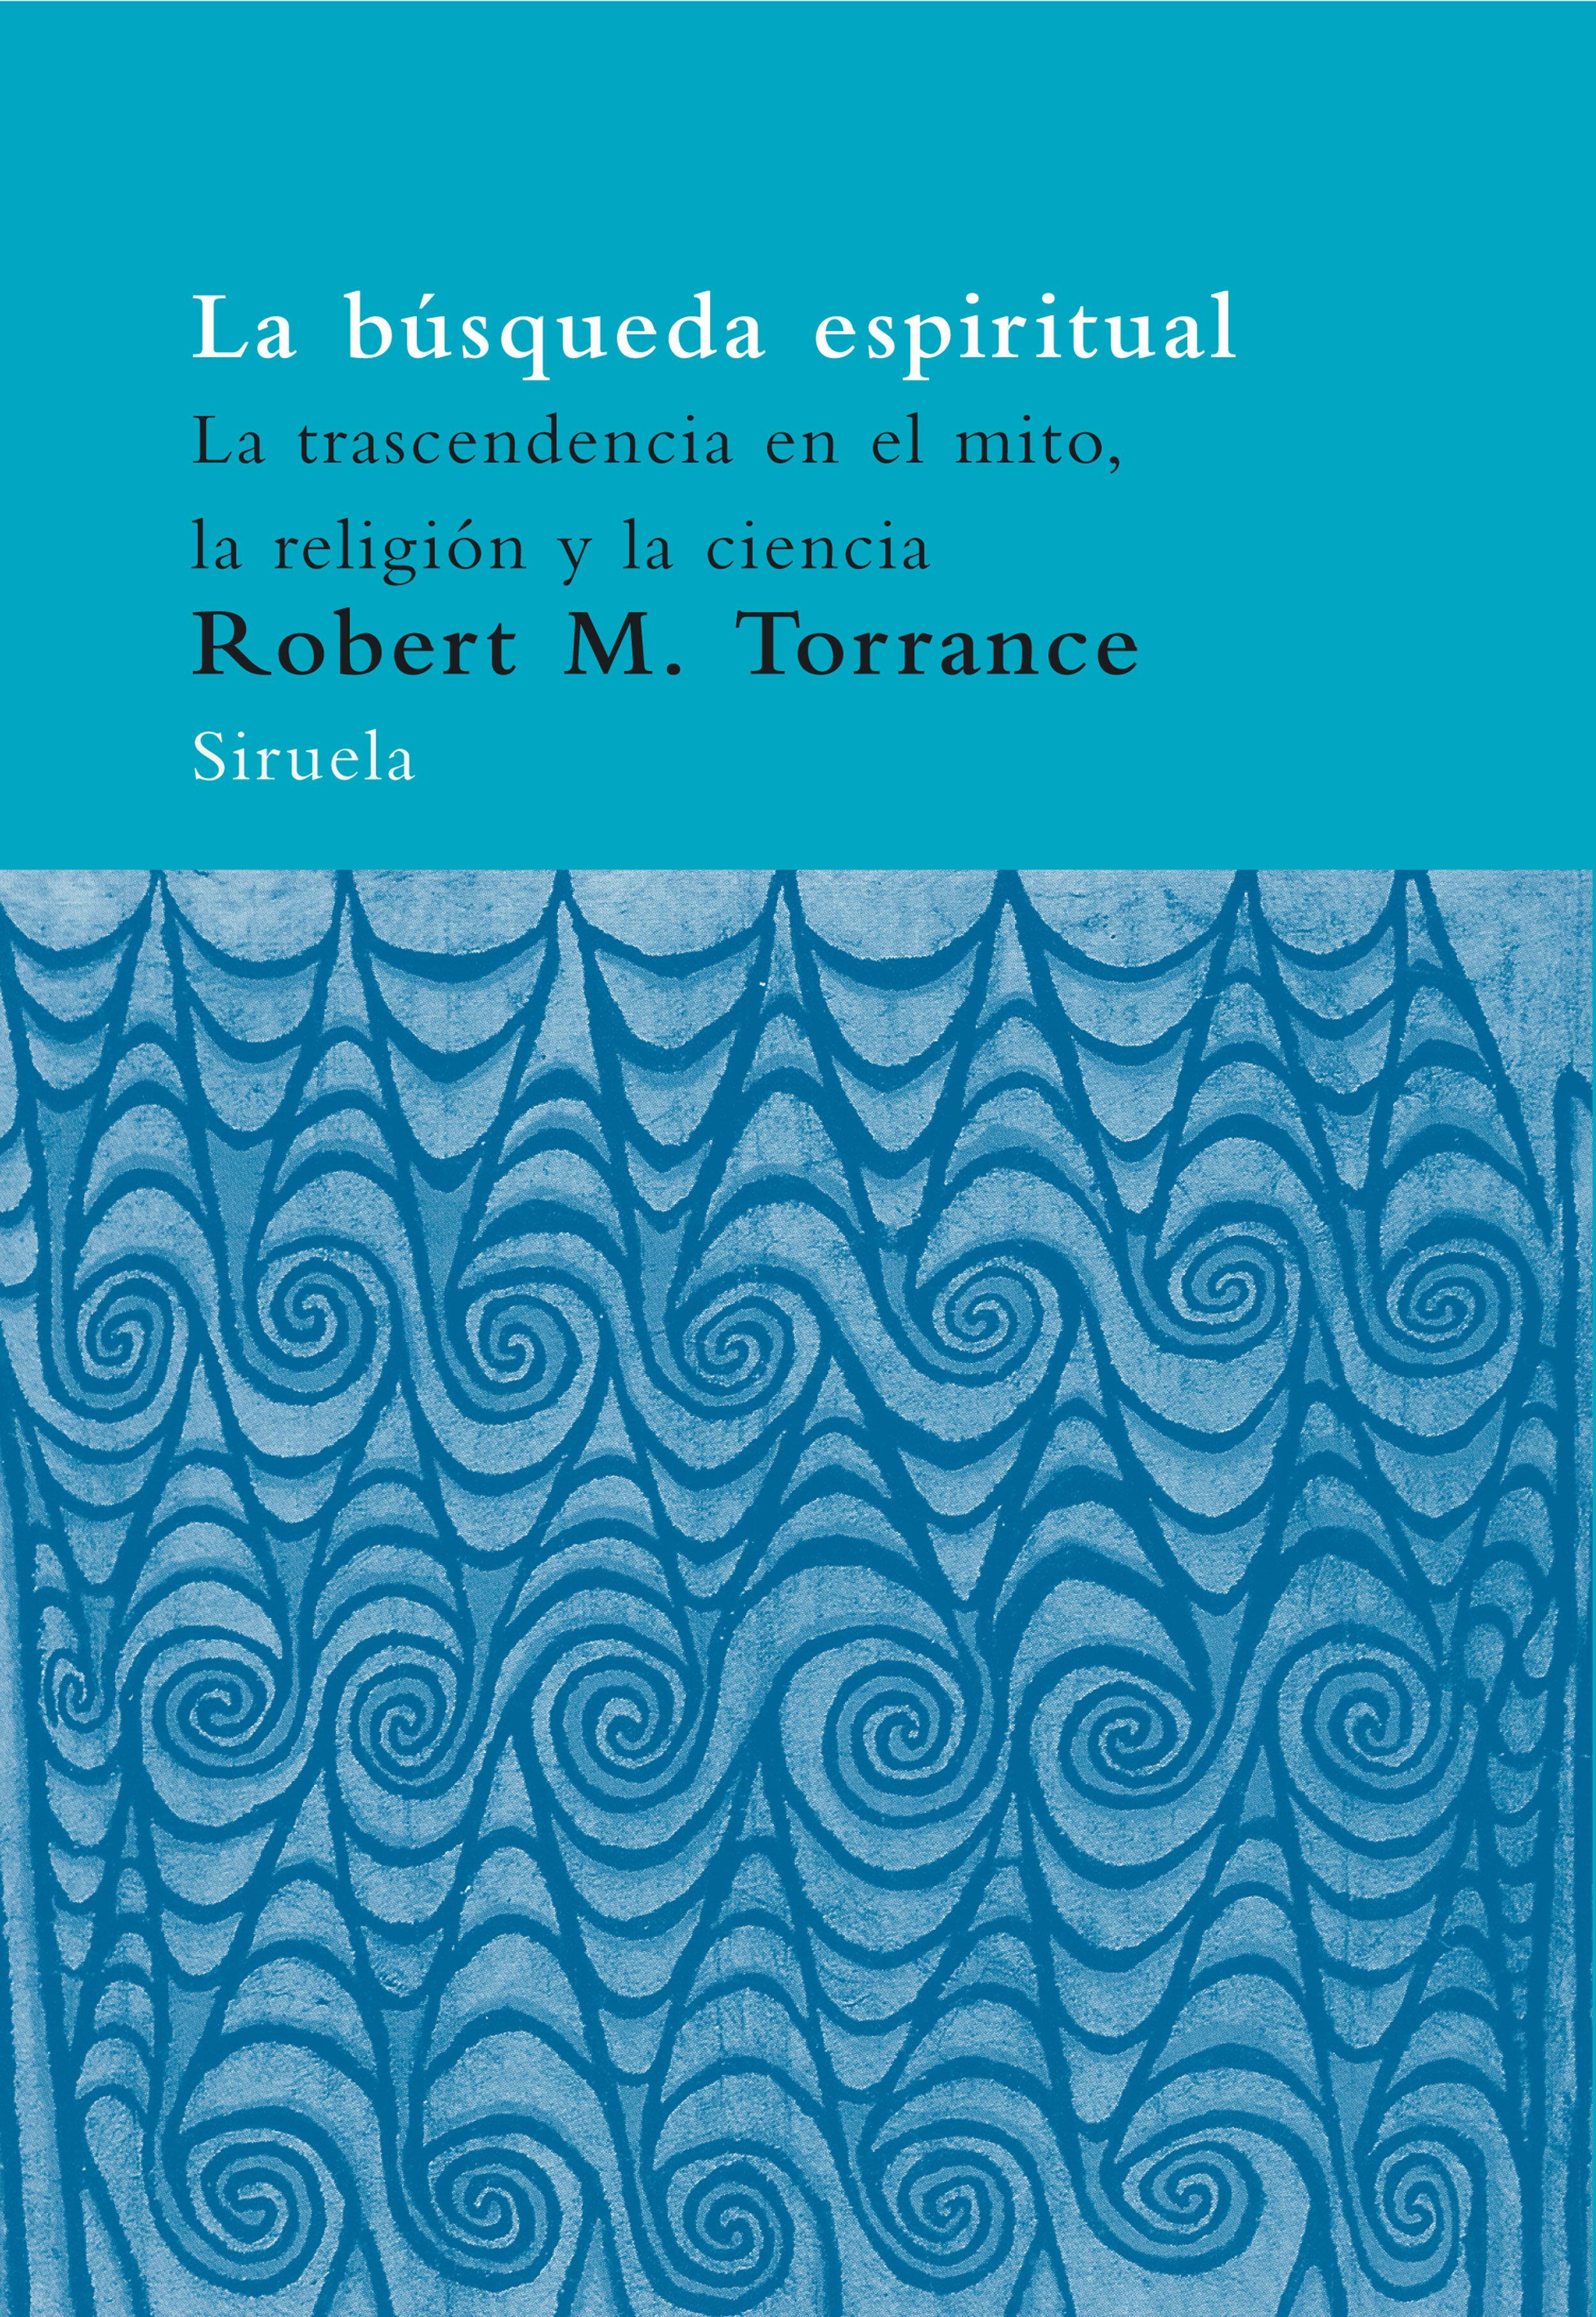 La Busqueda Espiritual: La Trascendencia En El Mito, La Religion Y La Ciencia por Robert M. Torrance